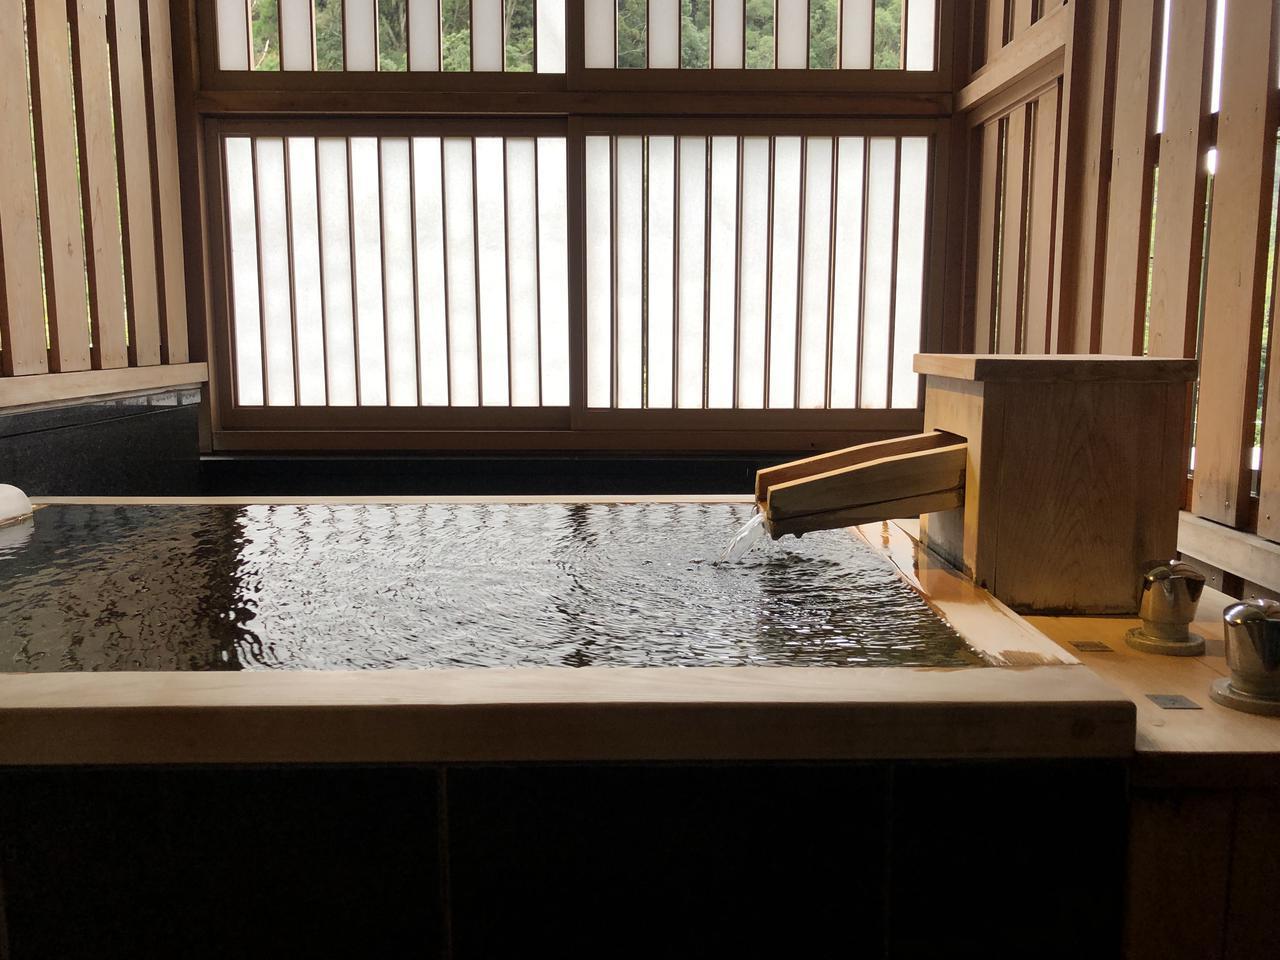 画像5: GoTo紅葉観光におすすめ!伊豆の温泉宿「清流荘」で週末女子旅♡